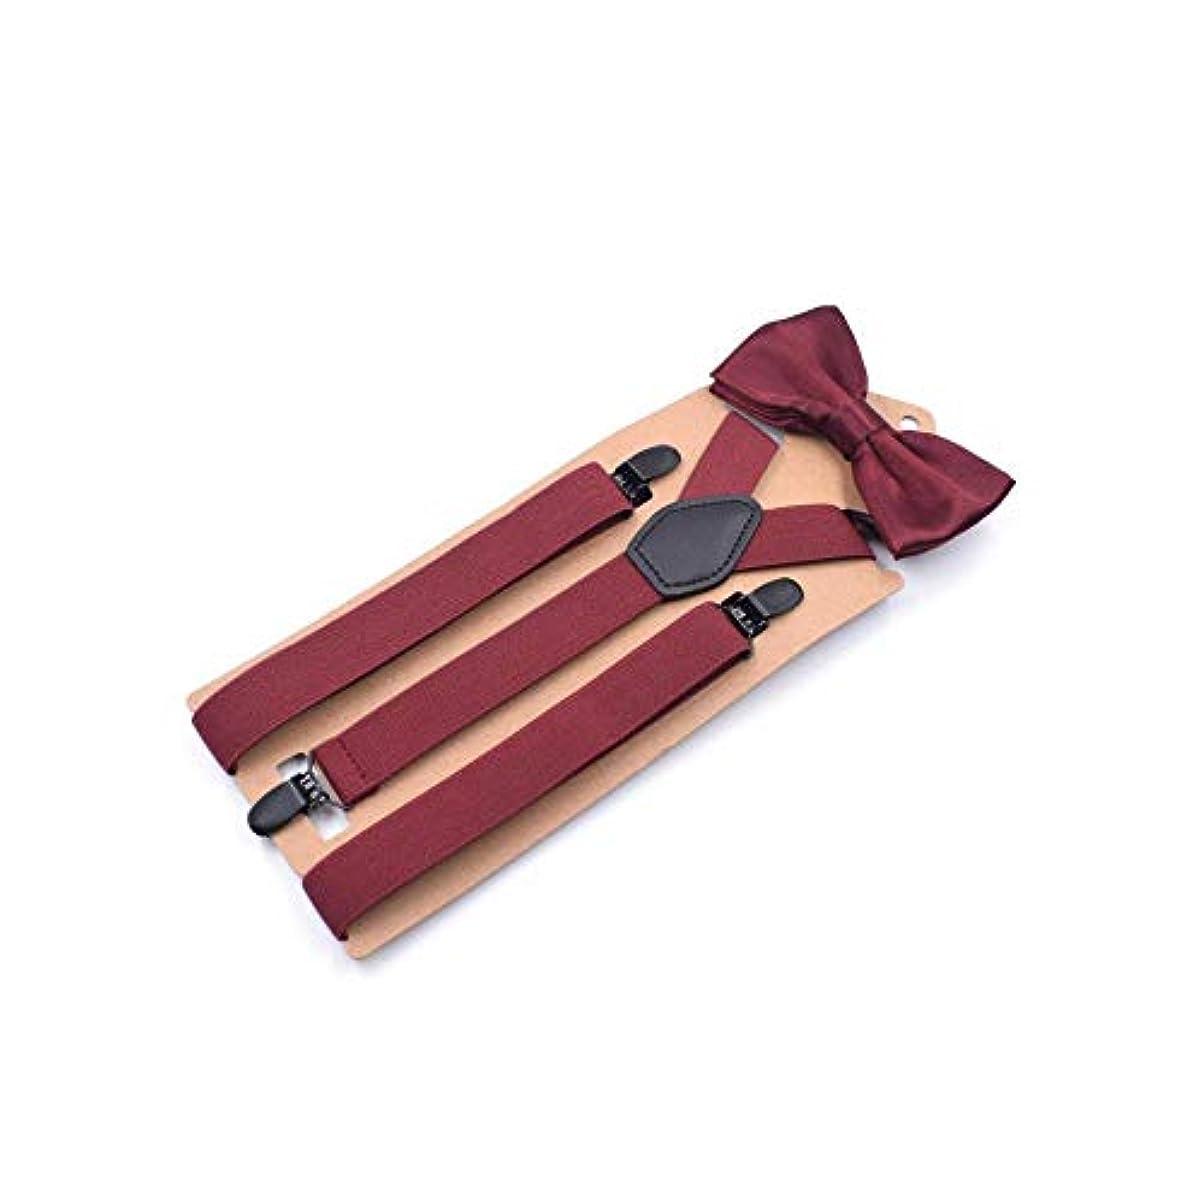 オーバーヘッドインタビューフィットY字型 大人3クリップY字型サスペンダー蝶ネクタイセット調節可能なブレース弾性ストラップセット ポリエステル+弾性